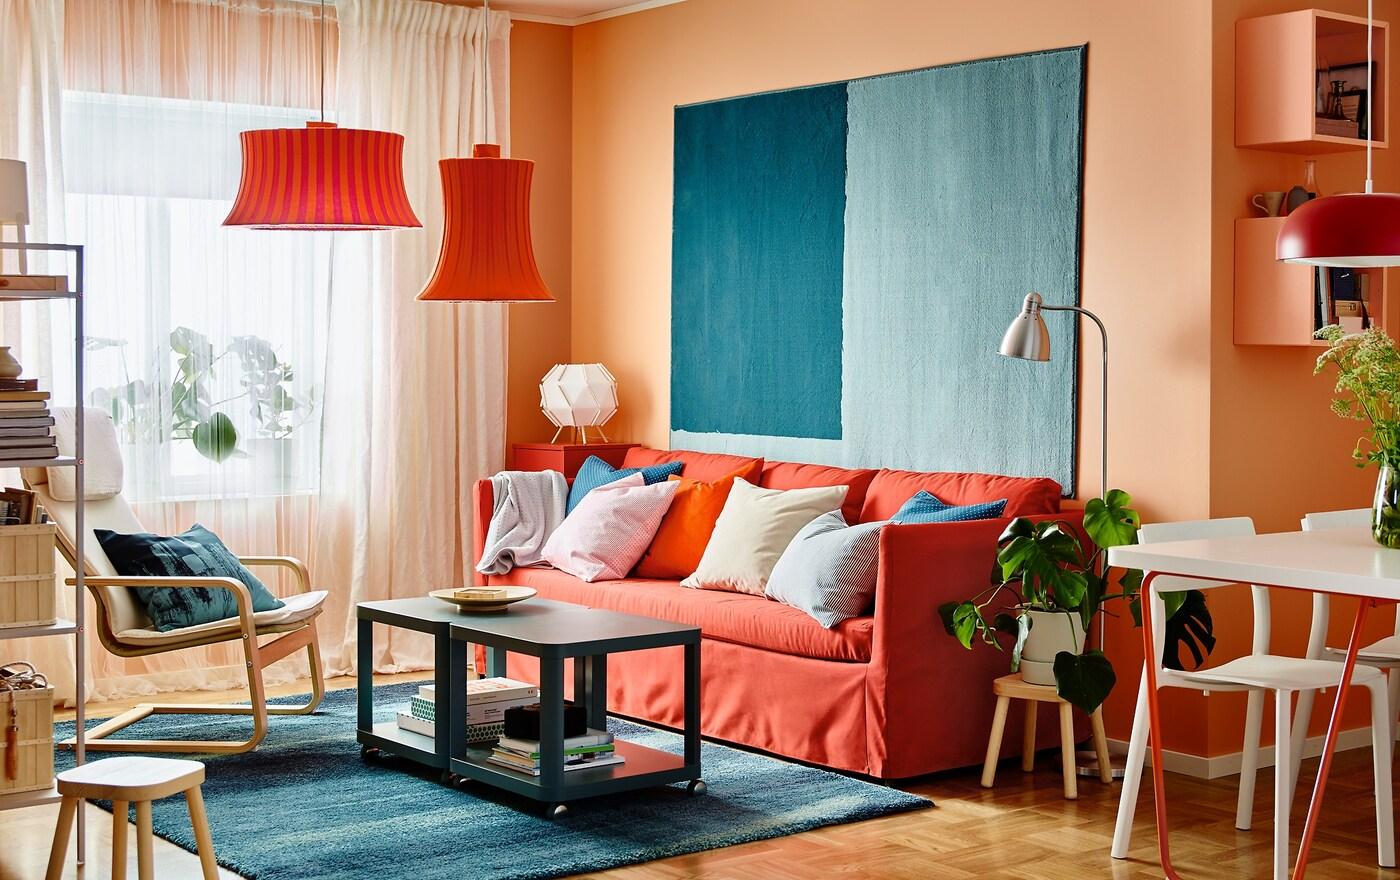 Tappeti Colorati Ikea : Relax in tutti i suoi colori e forme ikea